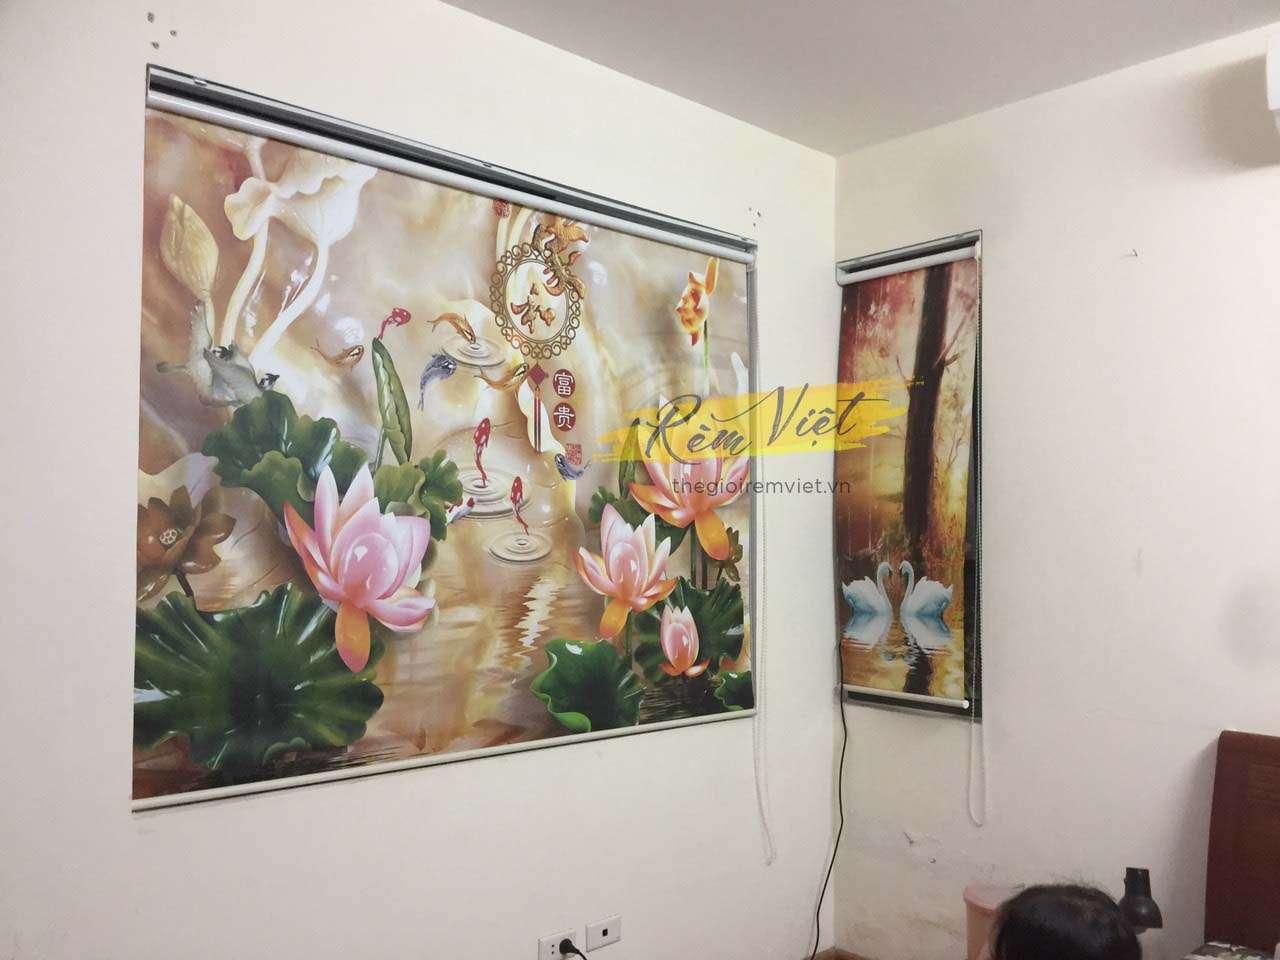 Mẫu rèm cuốn in tranh hoa sen cá chép